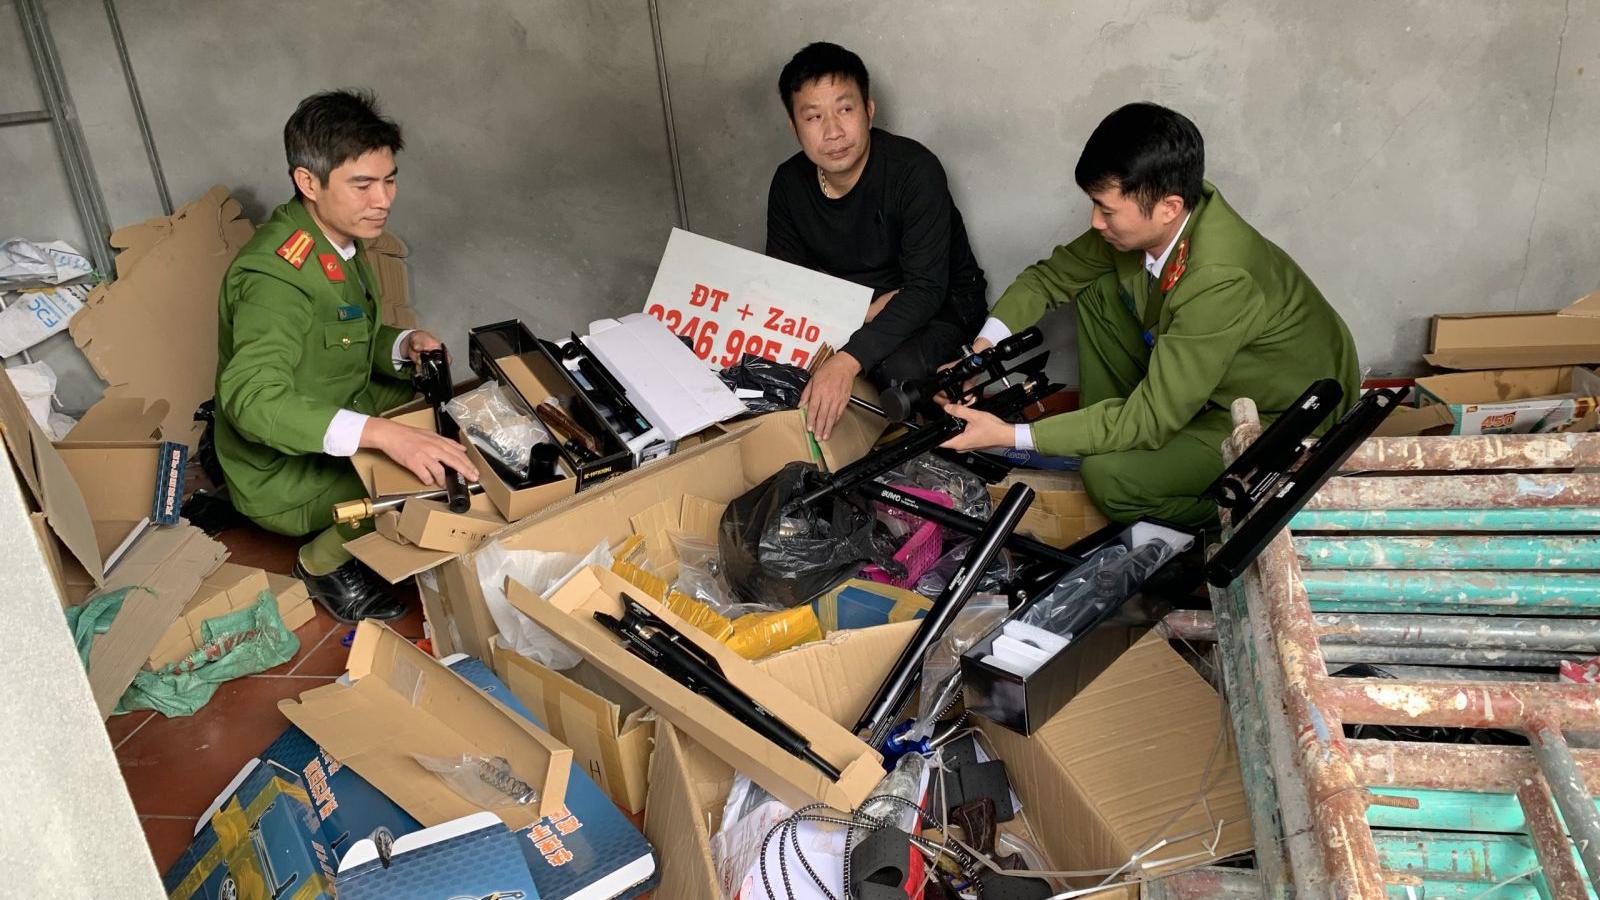 Tàng trữ, mua bán hơn 1.500 linh kiện lắp súng nén khí hơi